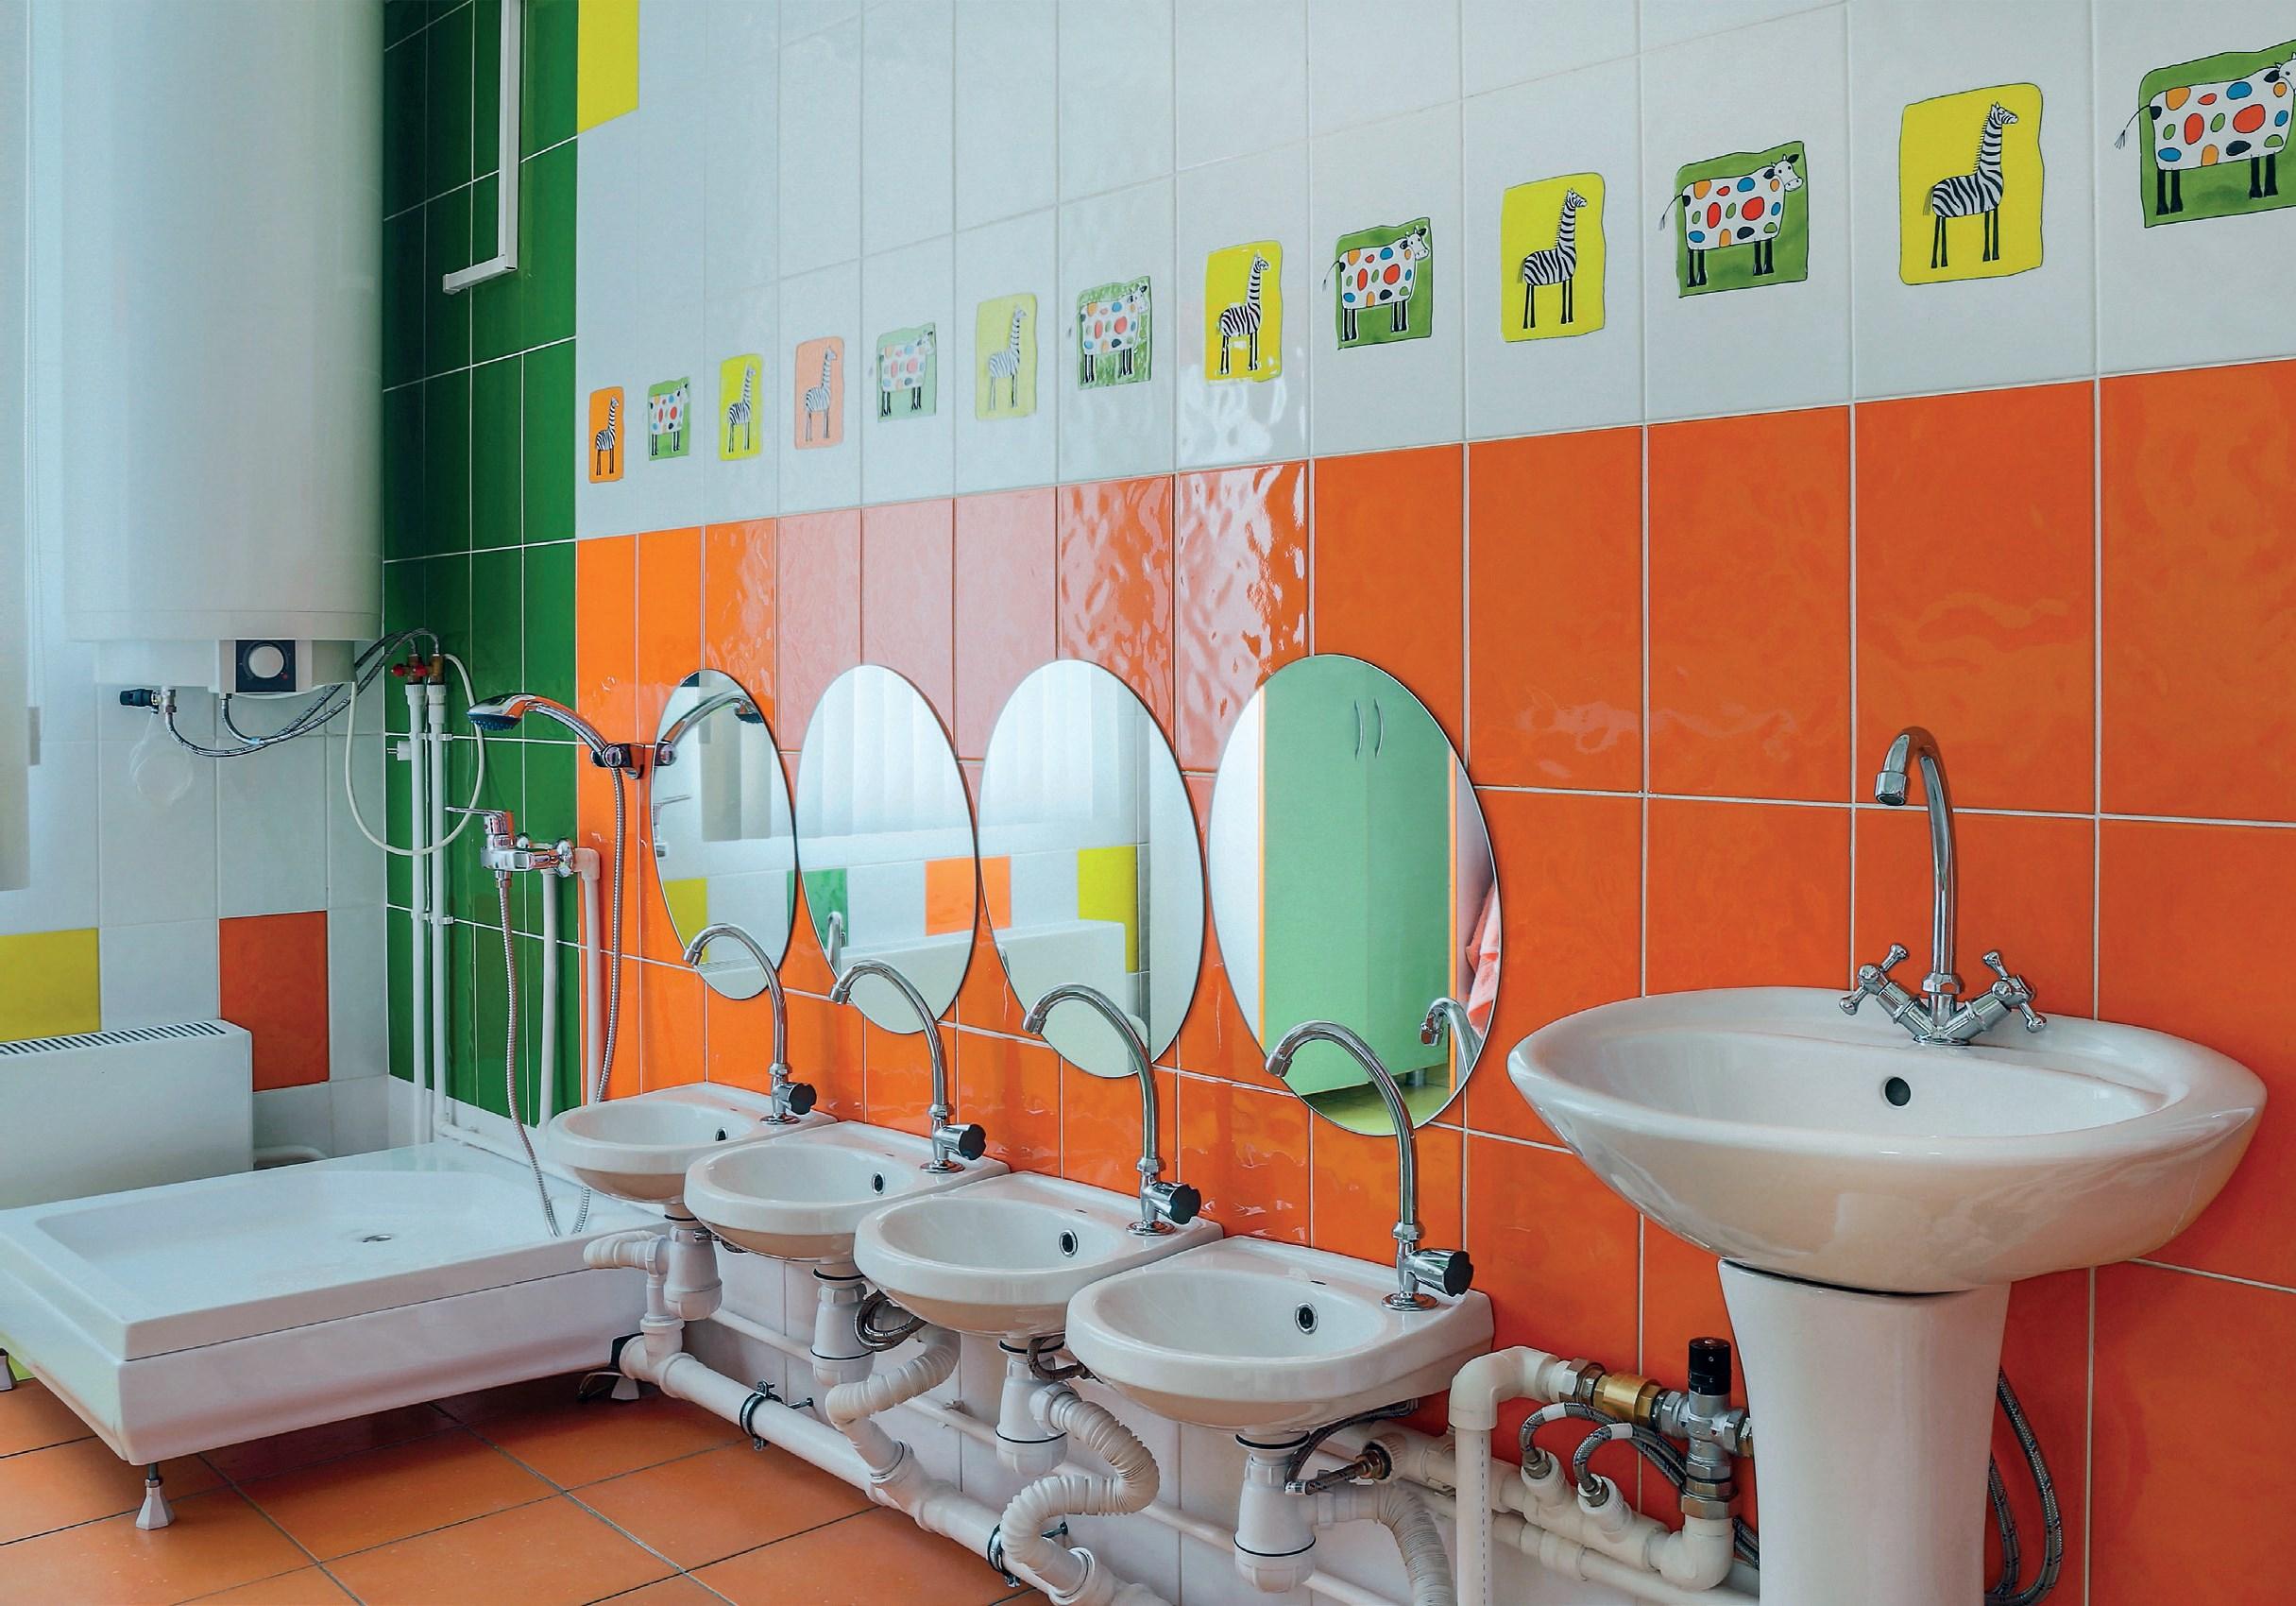 fot. Fotolia.com Czysta łazienka w placówkach opieki nad dziećmi2